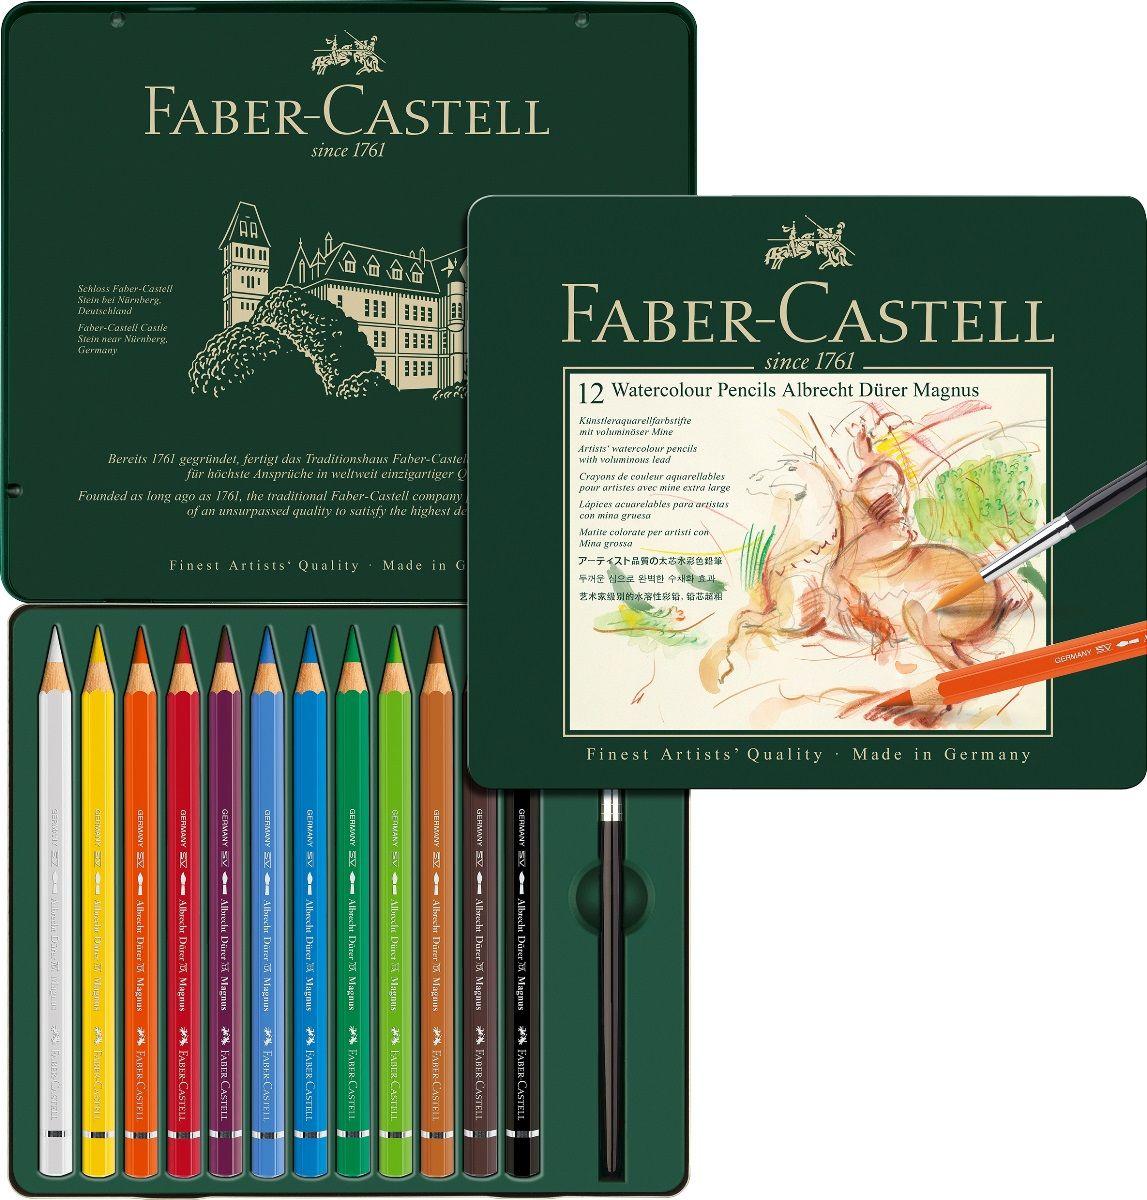 Faber-Castell Набор цветных акварельных карандашей Albrecht Durer 12 цветовSMA510-V8-ET акварельные карандашинаивысшего качества толстый грифель толщиной 3,8 мм(5,3 мм для версии Magnus) высококачественные пигменты гарантируютустойчивость к выцветанию, выразительныйцвет